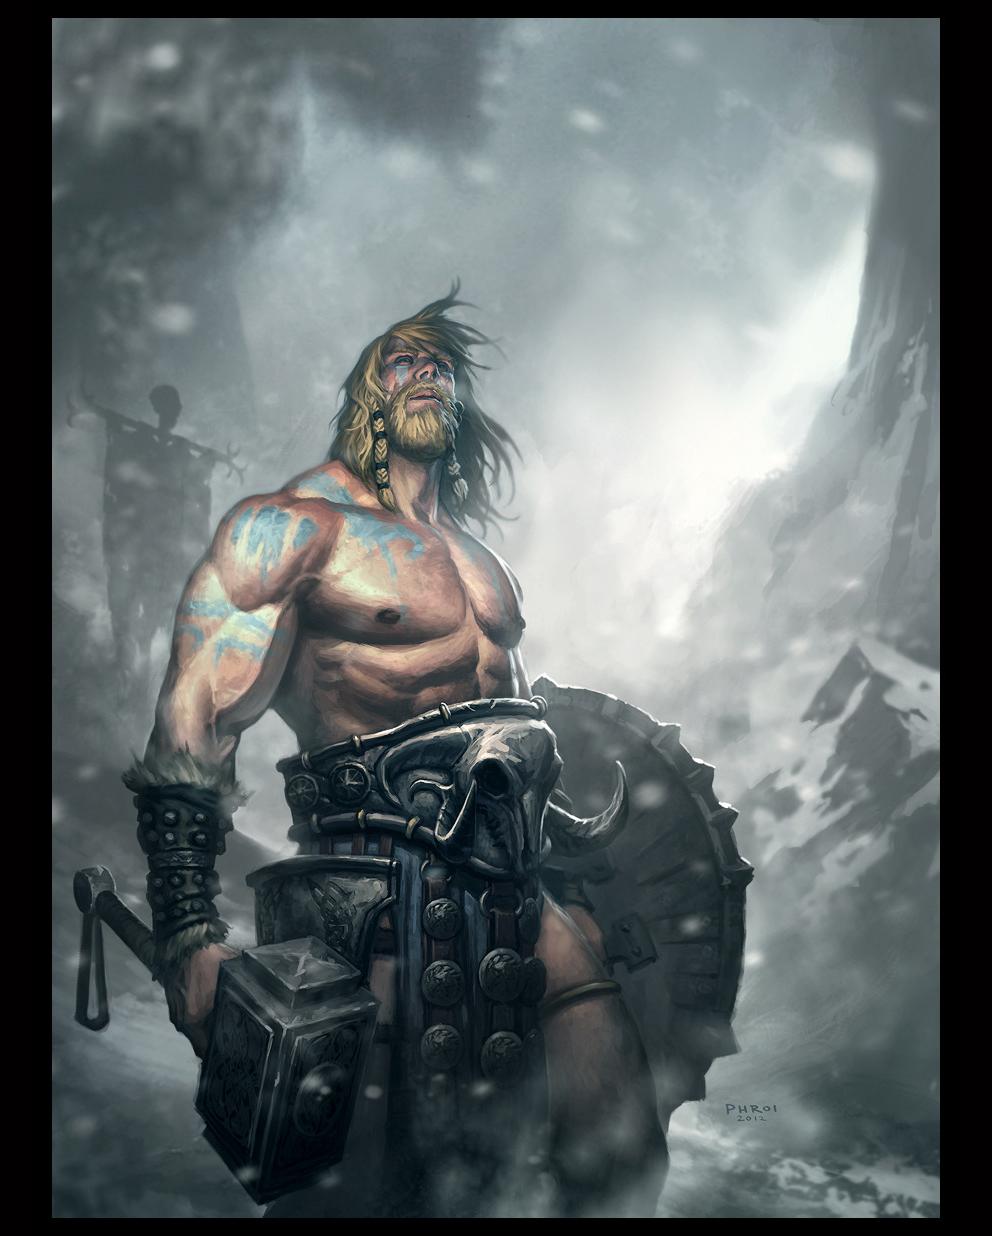 http://coolvibe.com/wp-content/uploads/2012/07/Portrait-Phroilan-Gardner-Thor.jpg